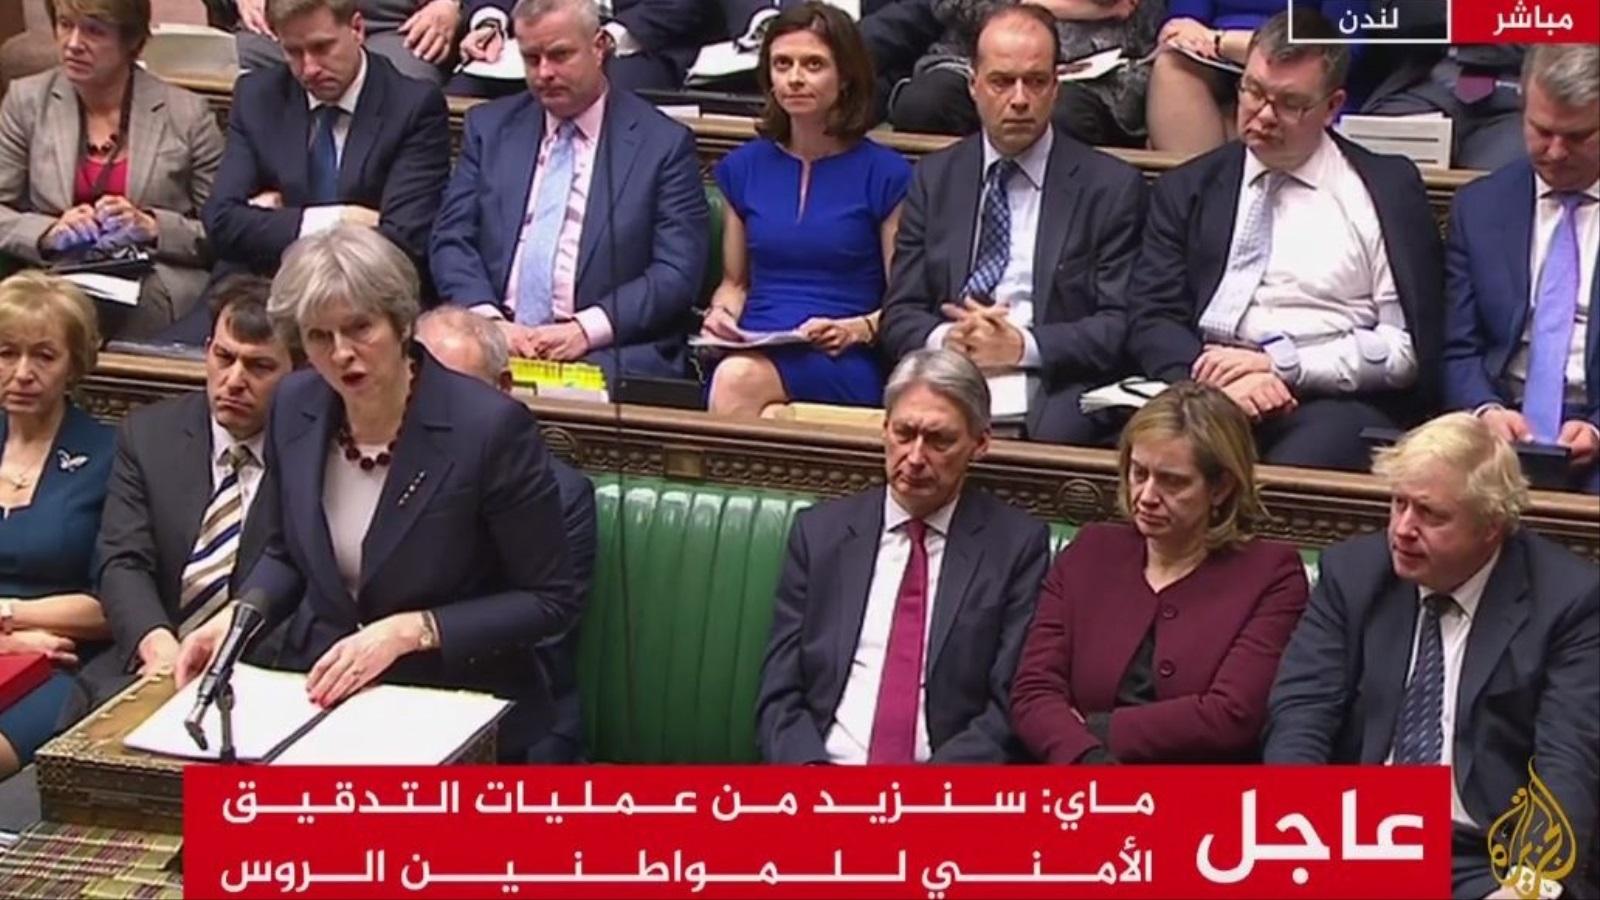 """صورة تصاعد أزمة """"الجاسوس"""" بين بريطانيا وروسيا"""